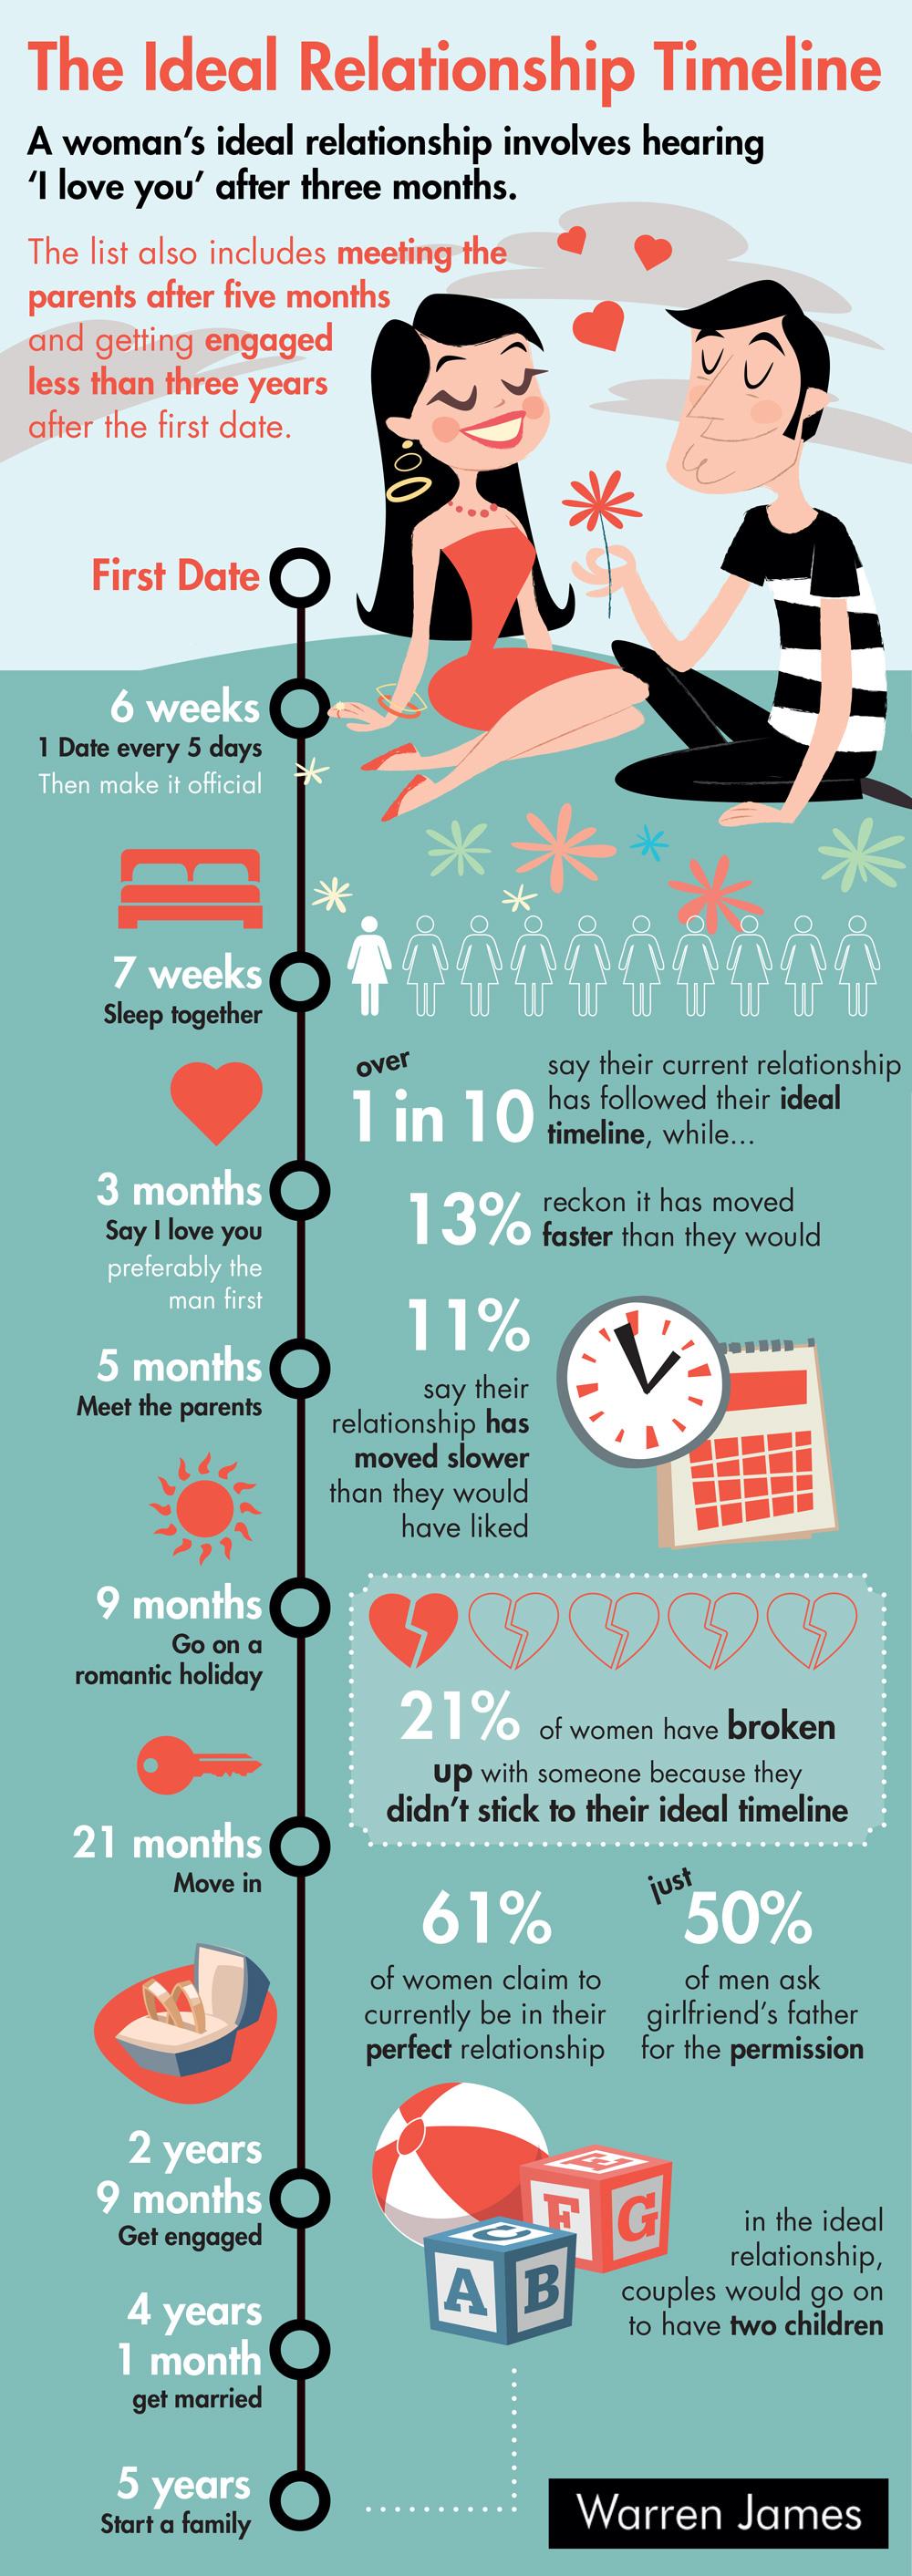 warren james ideal relationship infographic